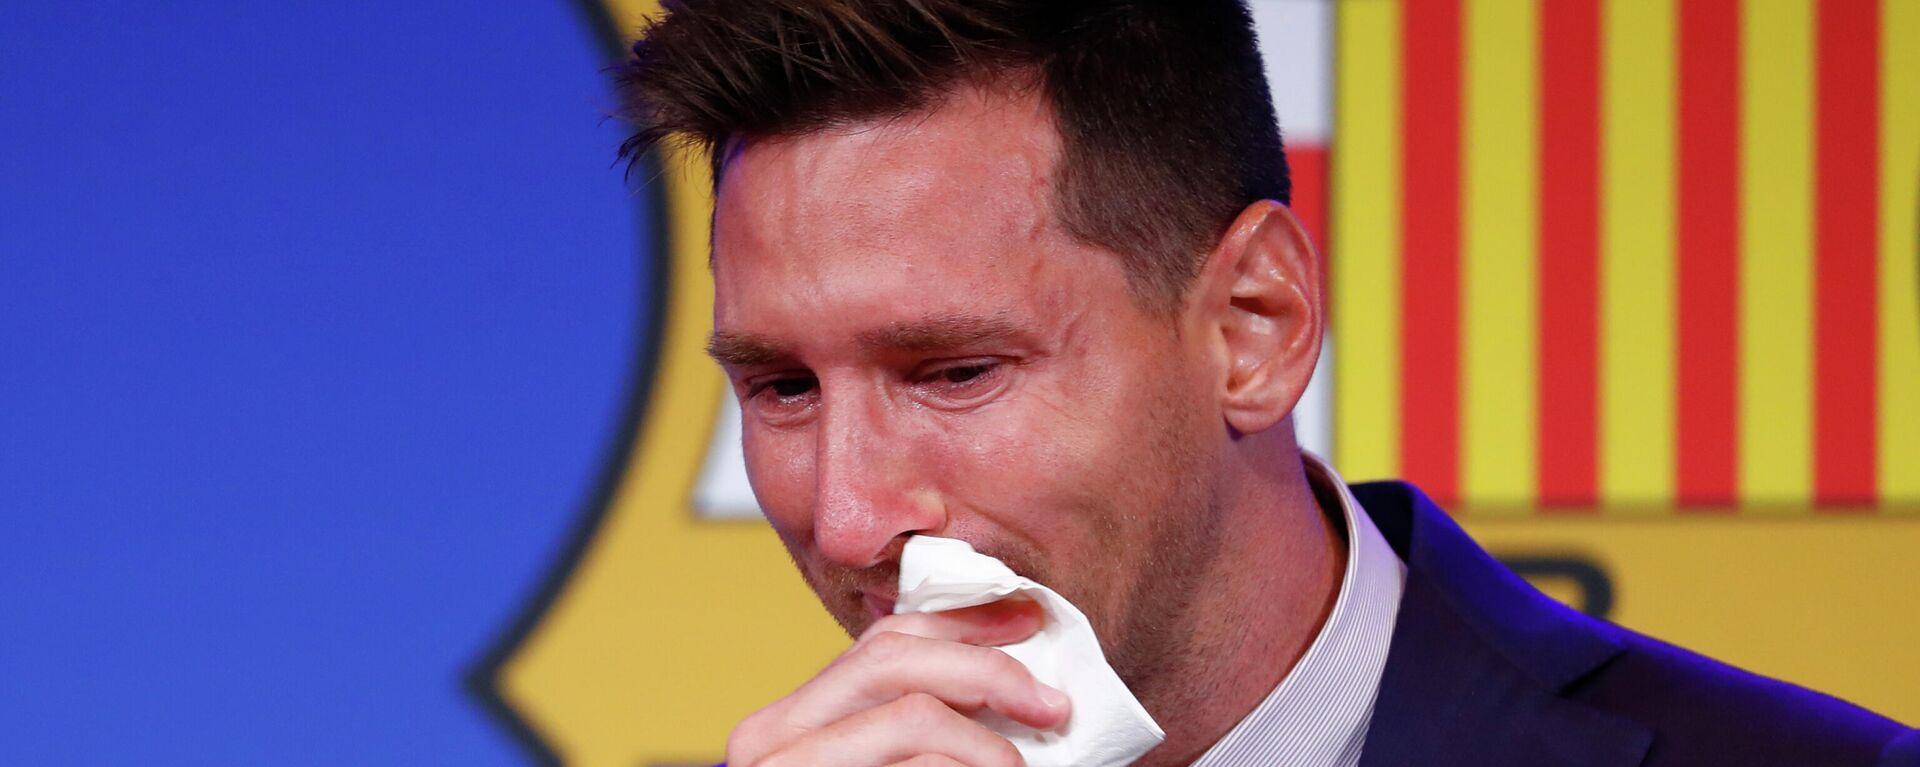 Лионель Месси плачет в начале пресс-конференции на стадионе Камп Ноу в Барселоне - Sputnik Тоҷикистон, 1920, 13.08.2021